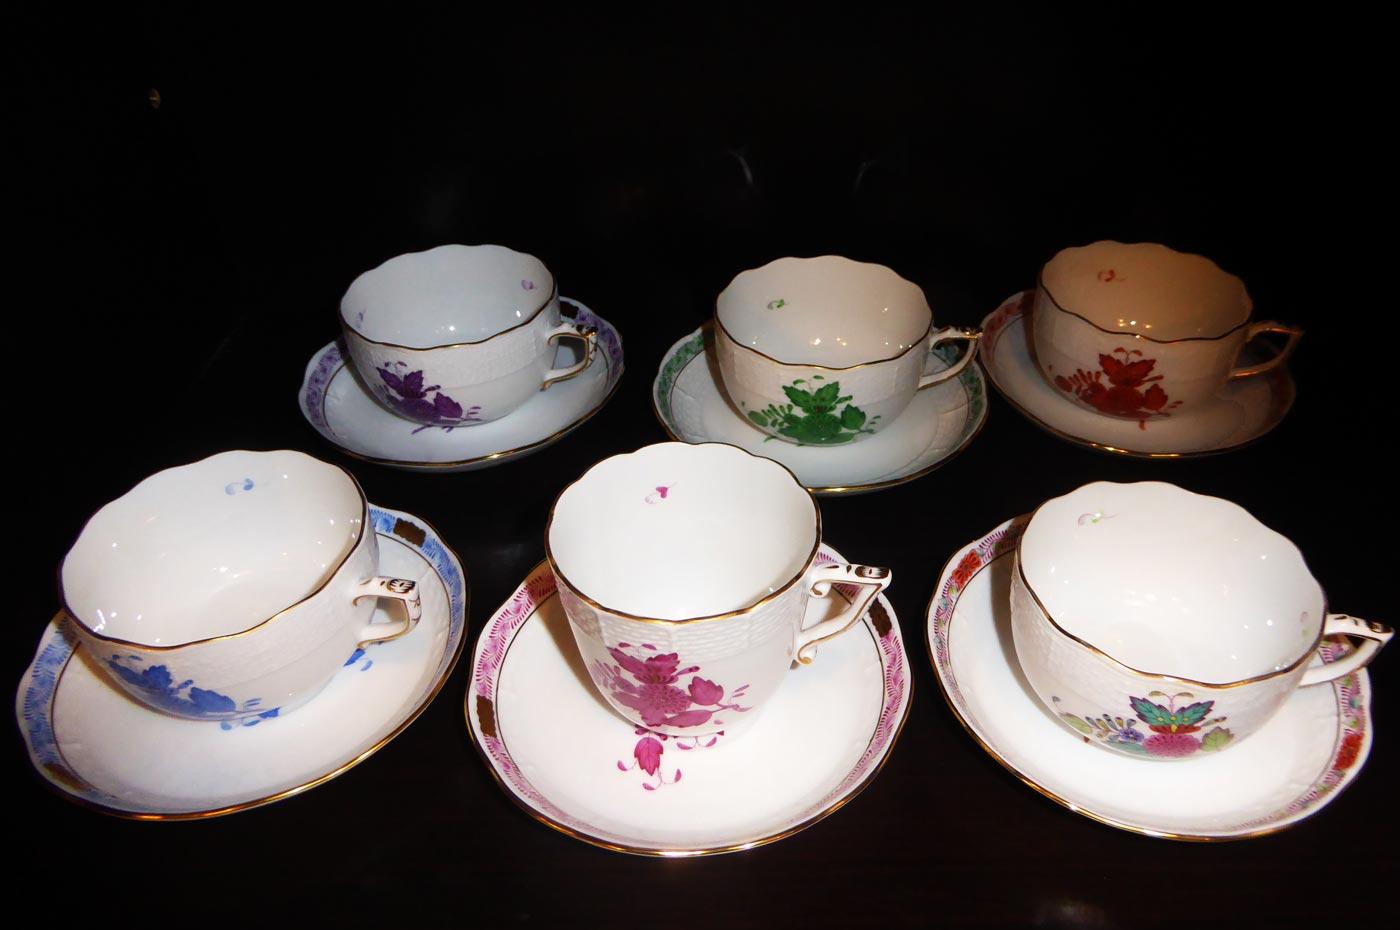 ロジェ ルージュのマイセンのコーヒーカップ